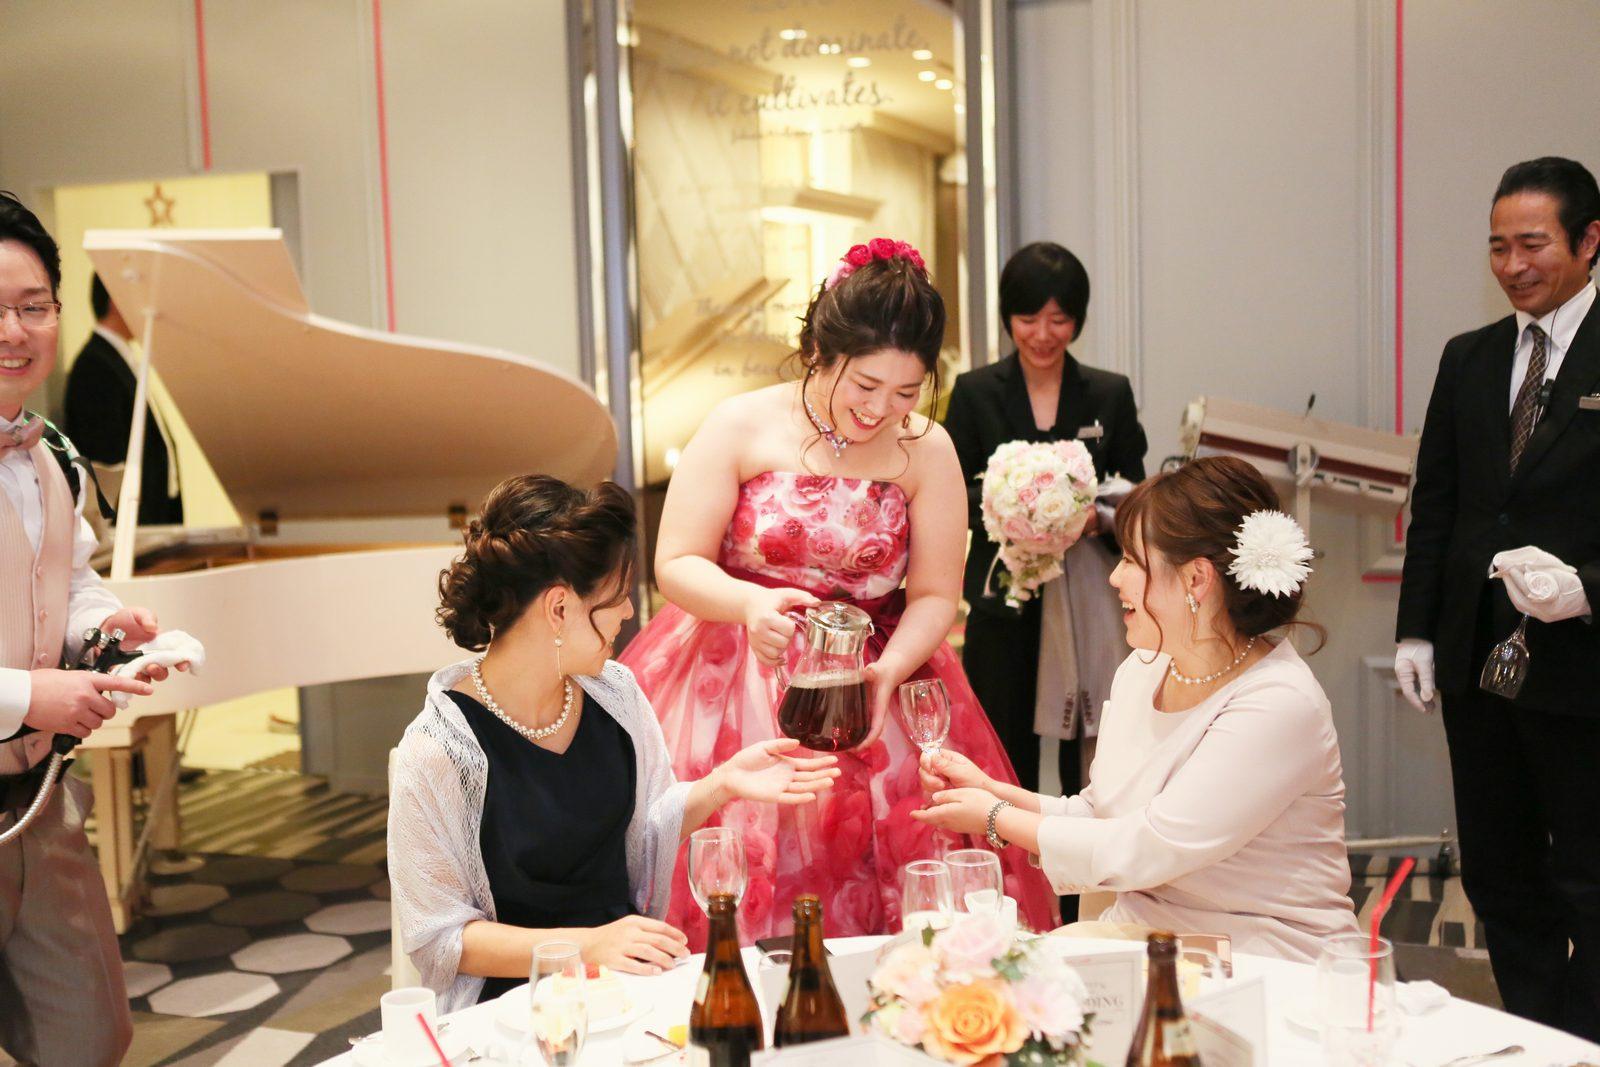 徳島市の結婚式場ブランアンジュでゲストにドリンクサーブをする新婦